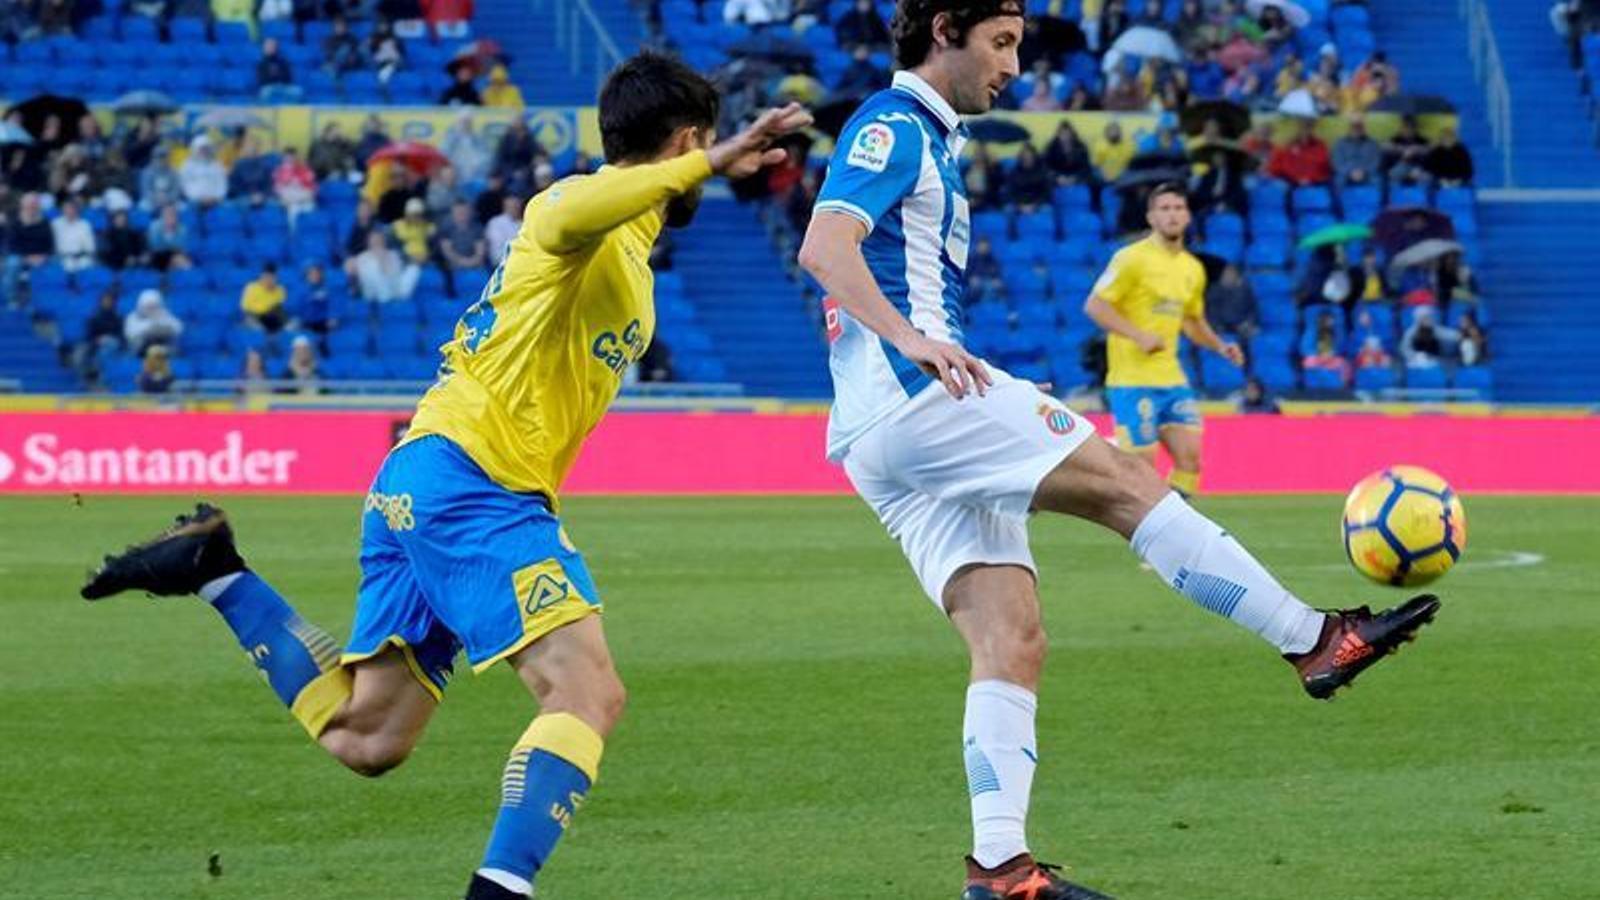 La titularitat de Granero va ser una de les grans sorpreses de l'onze de l'Espanyol